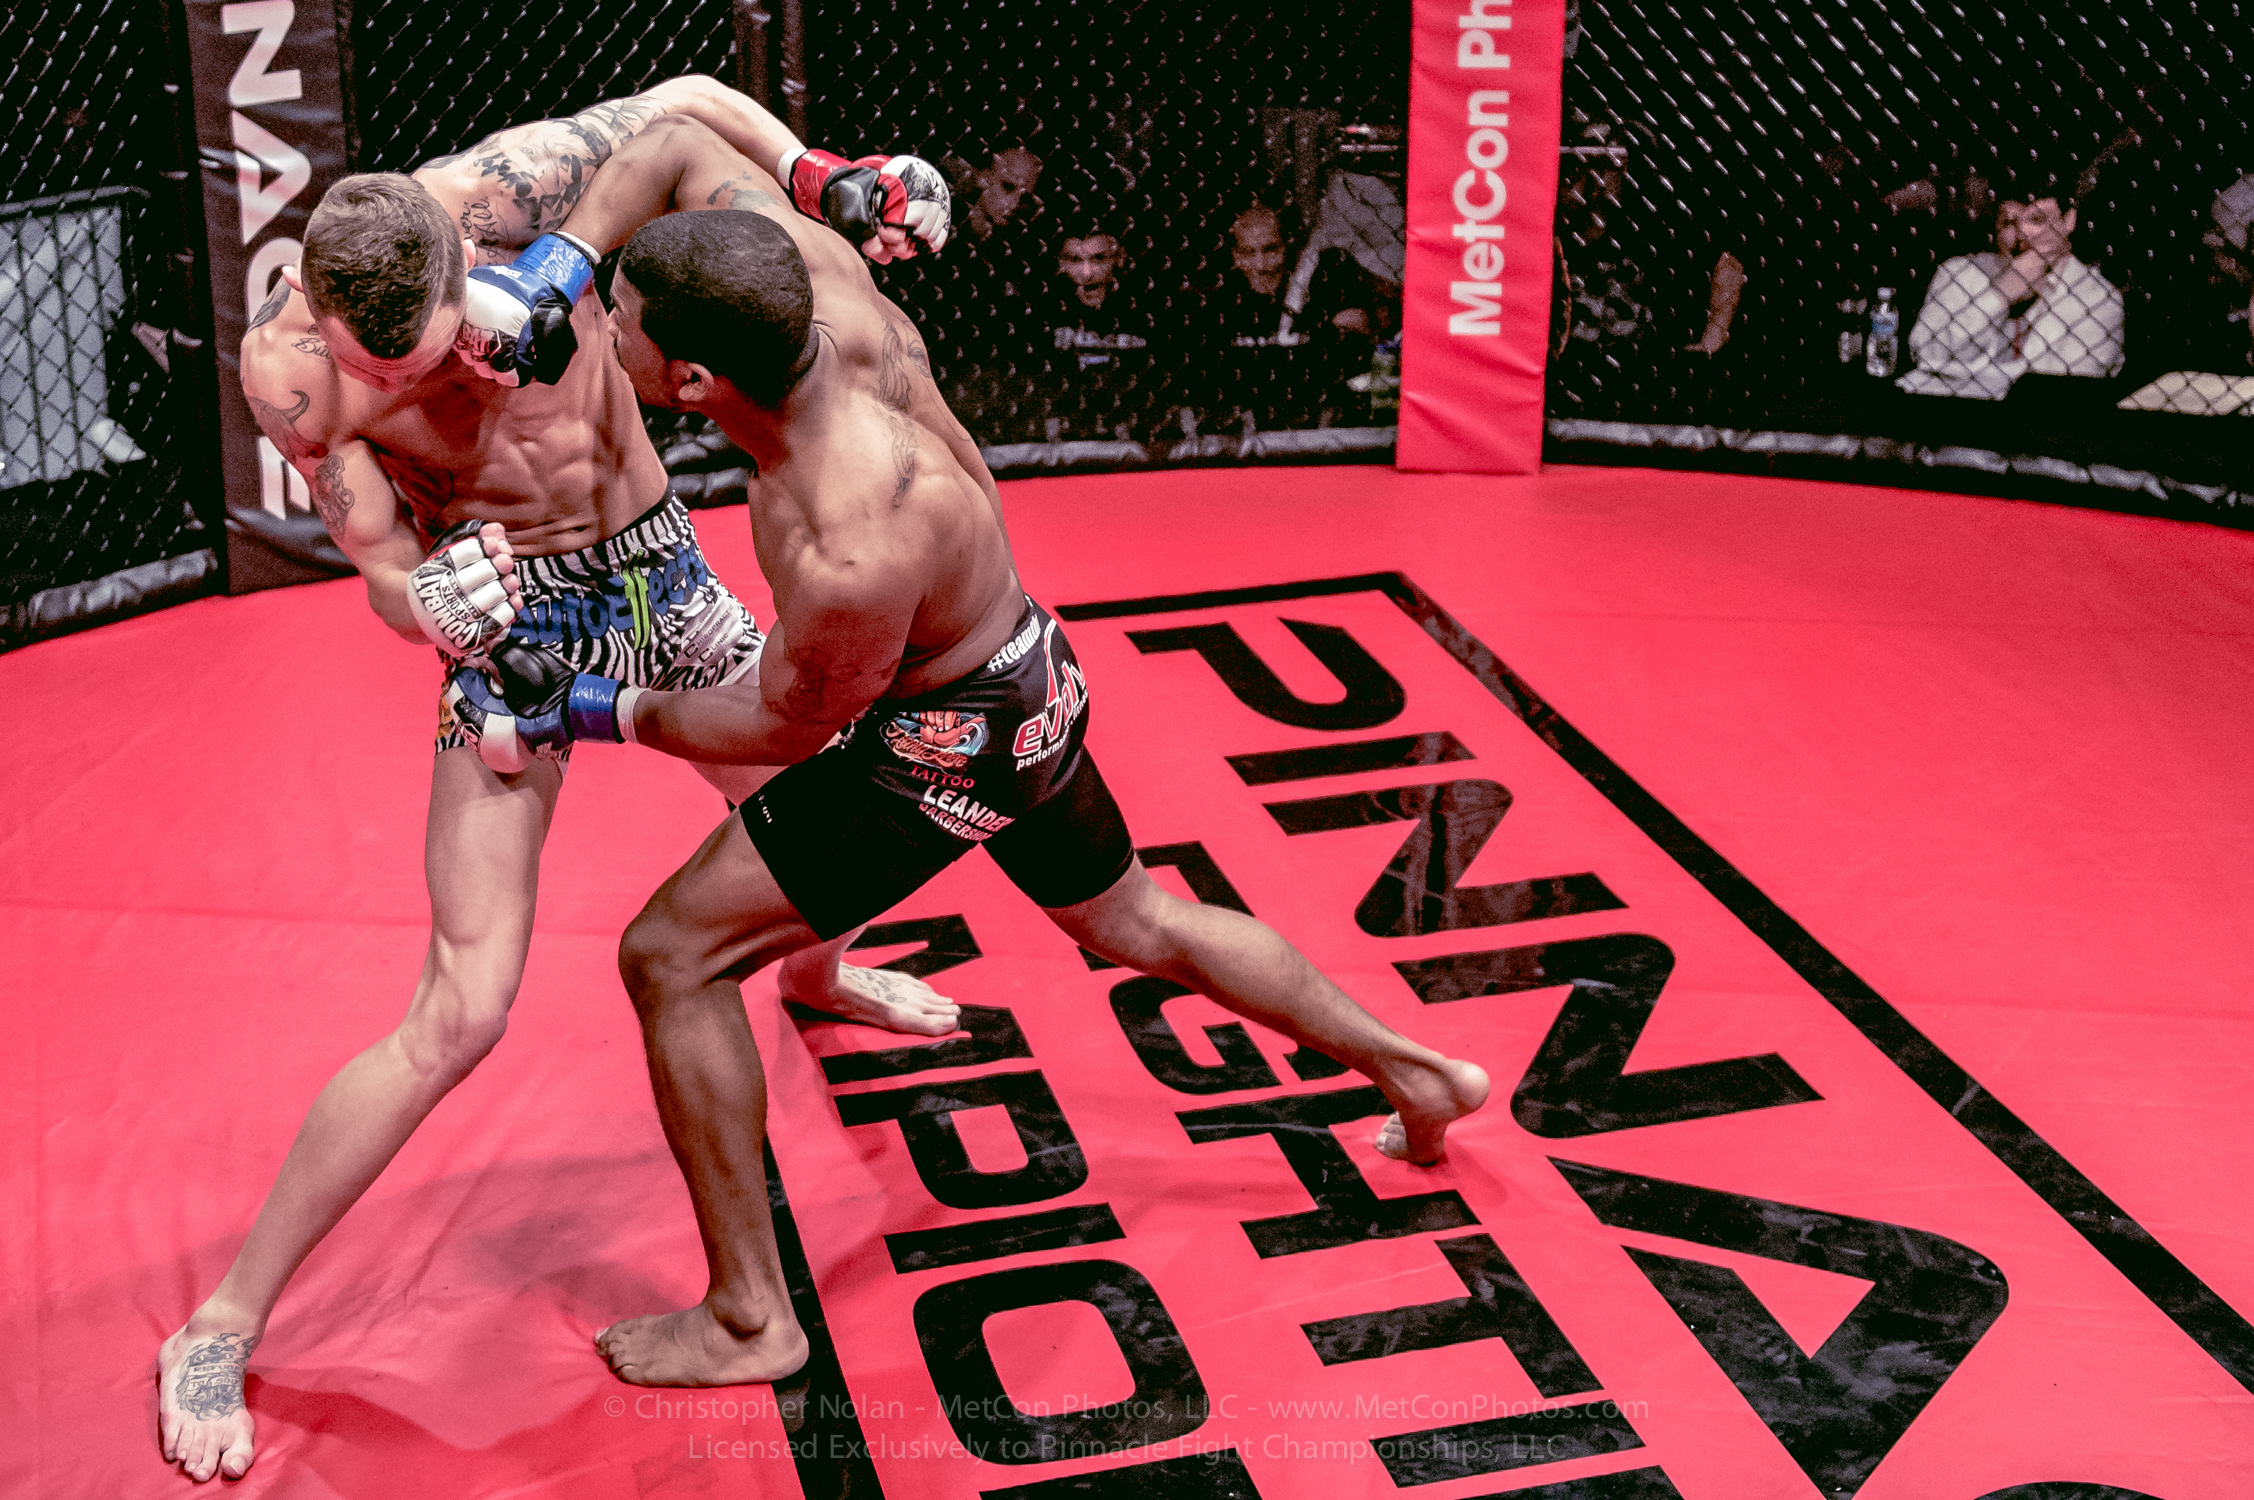 2014-PFC6-FIGHTS-5657.jpg